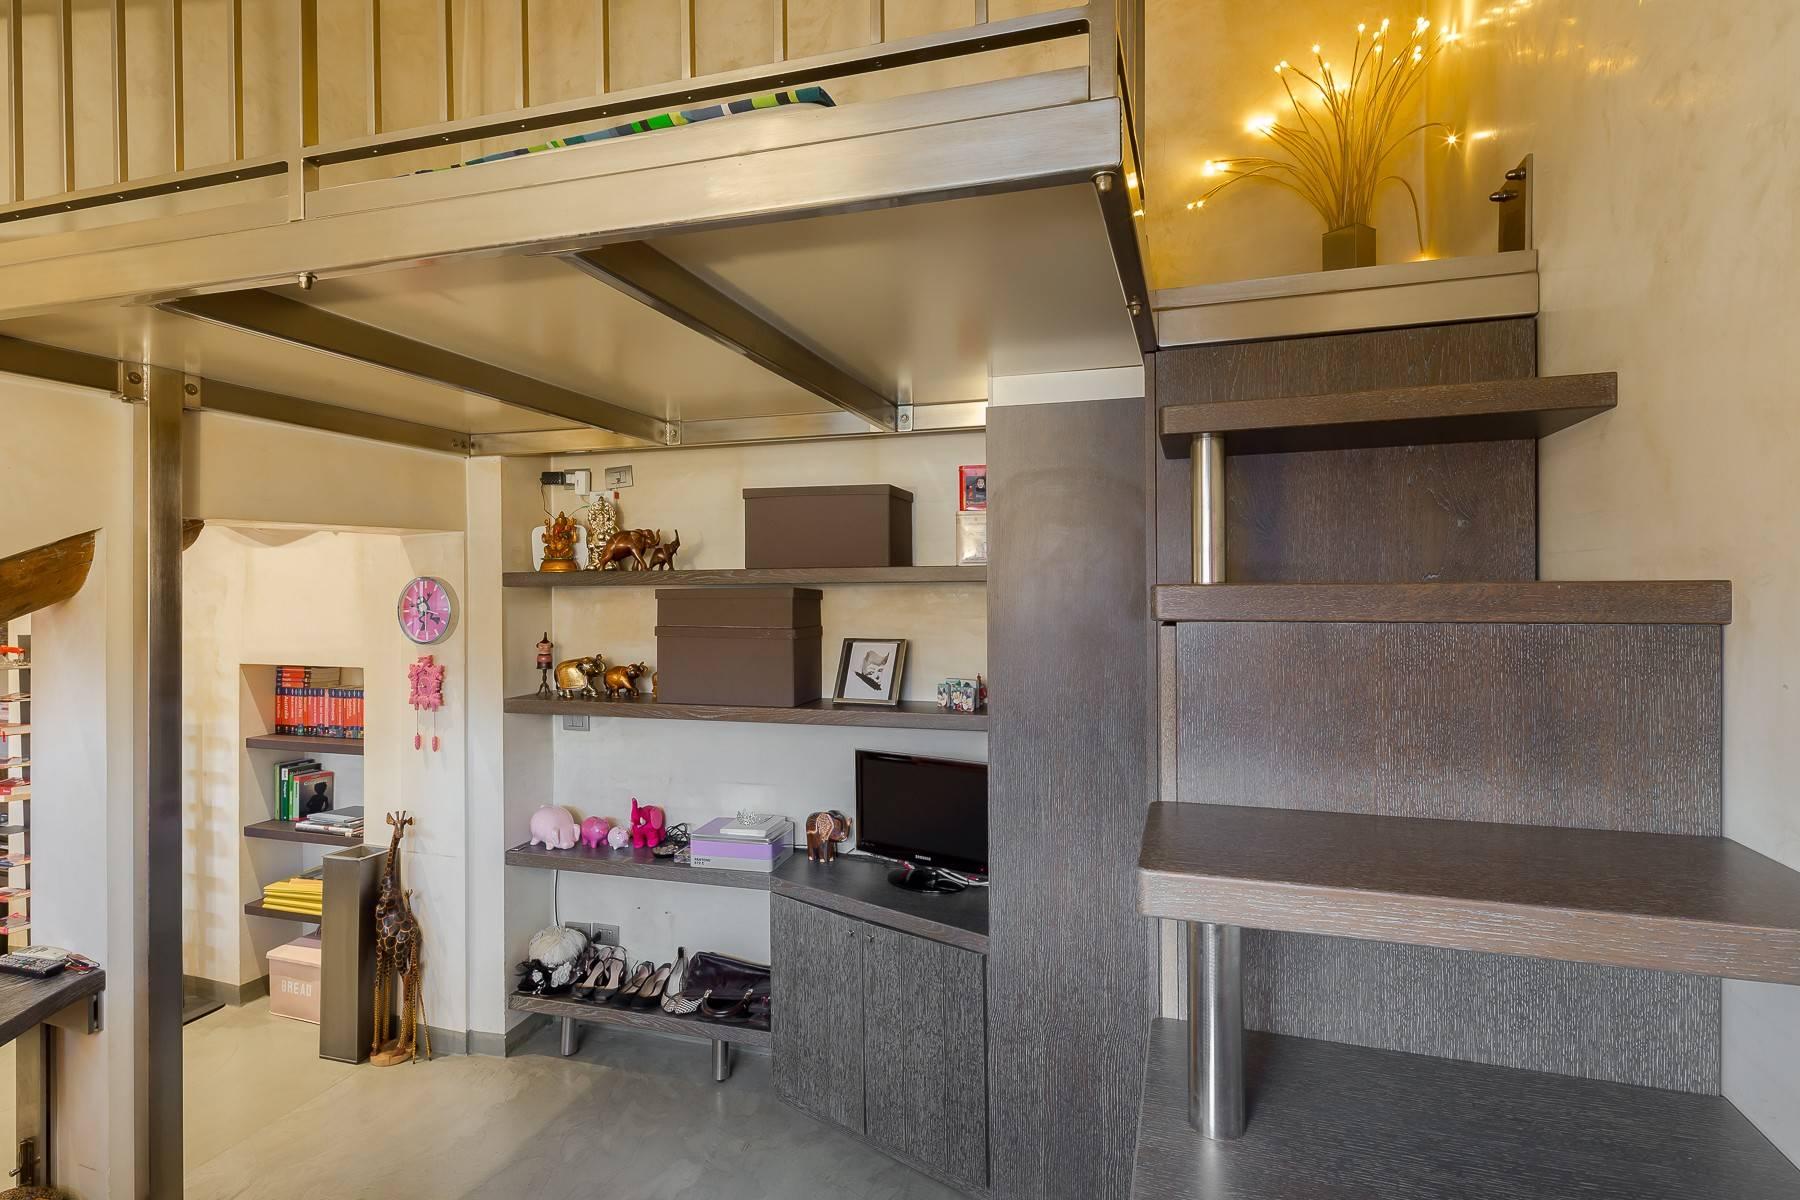 Appartamento in Affitto a Milano: 1 locali, 32 mq - Foto 1